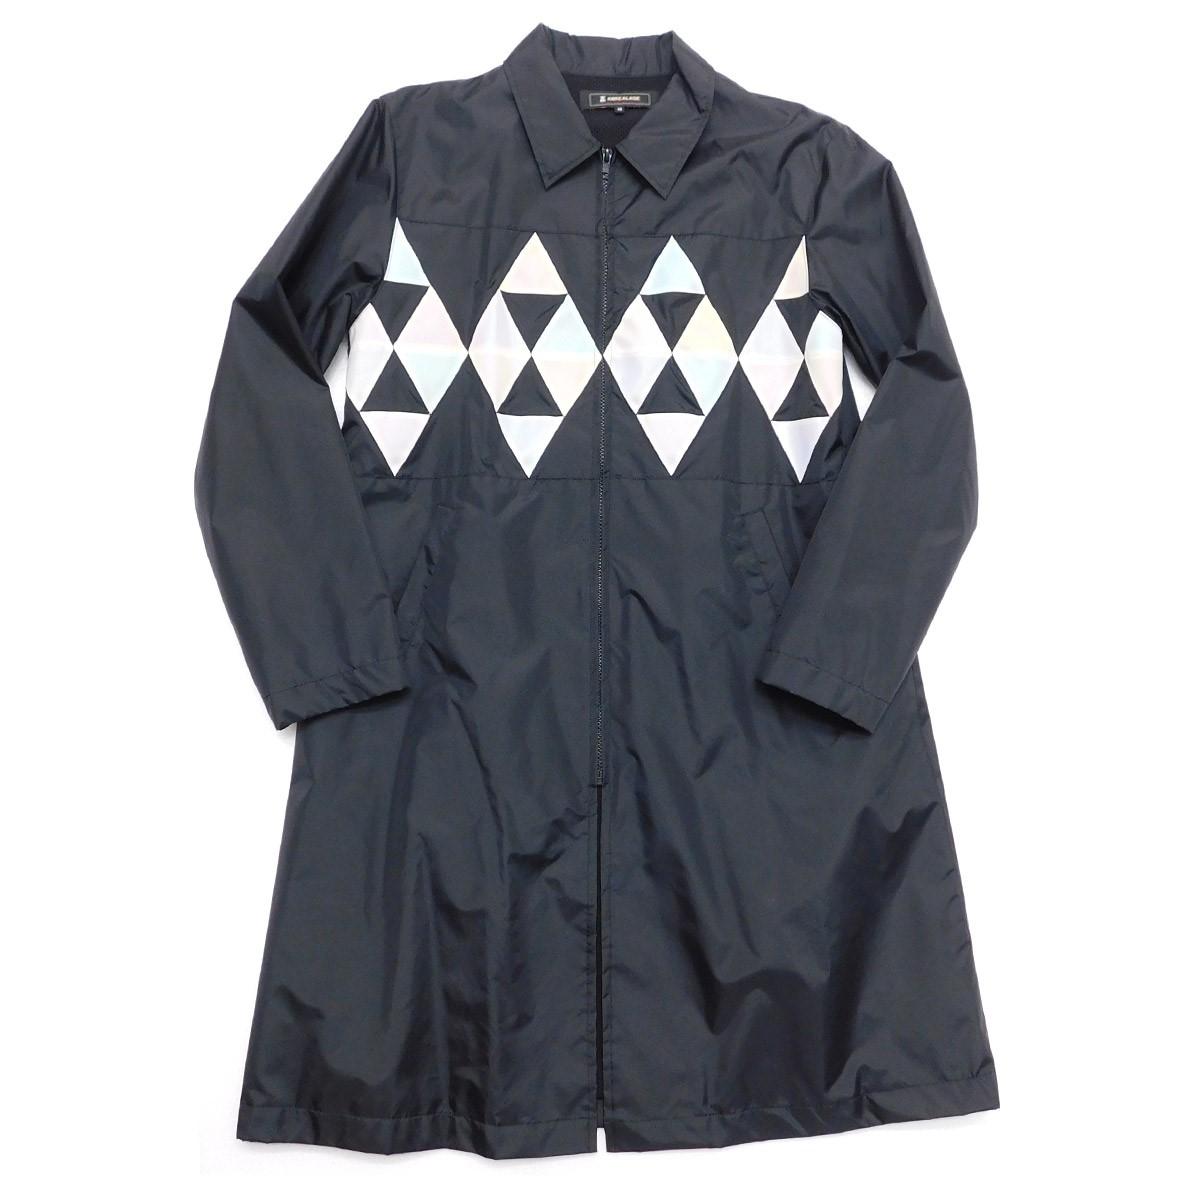 【中古】ANREALAGE プリズムコート ロングコーチジャケット ブラック サイズ:46 【040220】(アンリアレイジ)